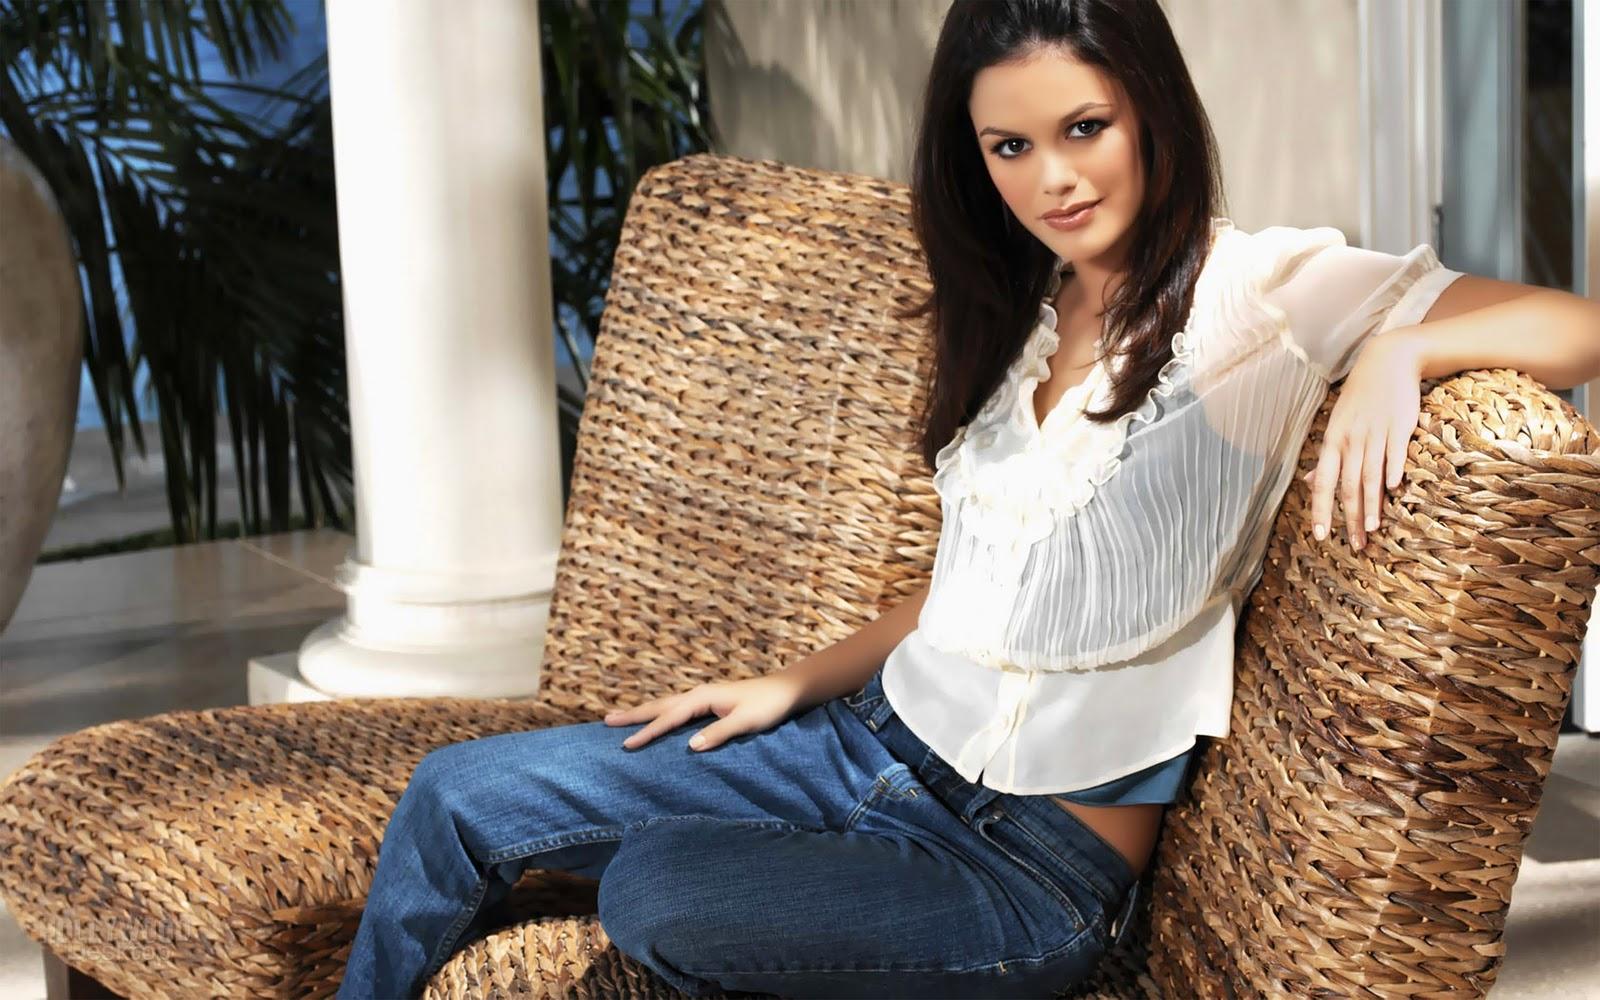 http://2.bp.blogspot.com/-SSjTHtSgsH4/TY8N3vAdTPI/AAAAAAAAAeg/rCJSZrY6Ppg/s1600/Rachel+bilson+Hot+Actress+Wallpapers.jpg